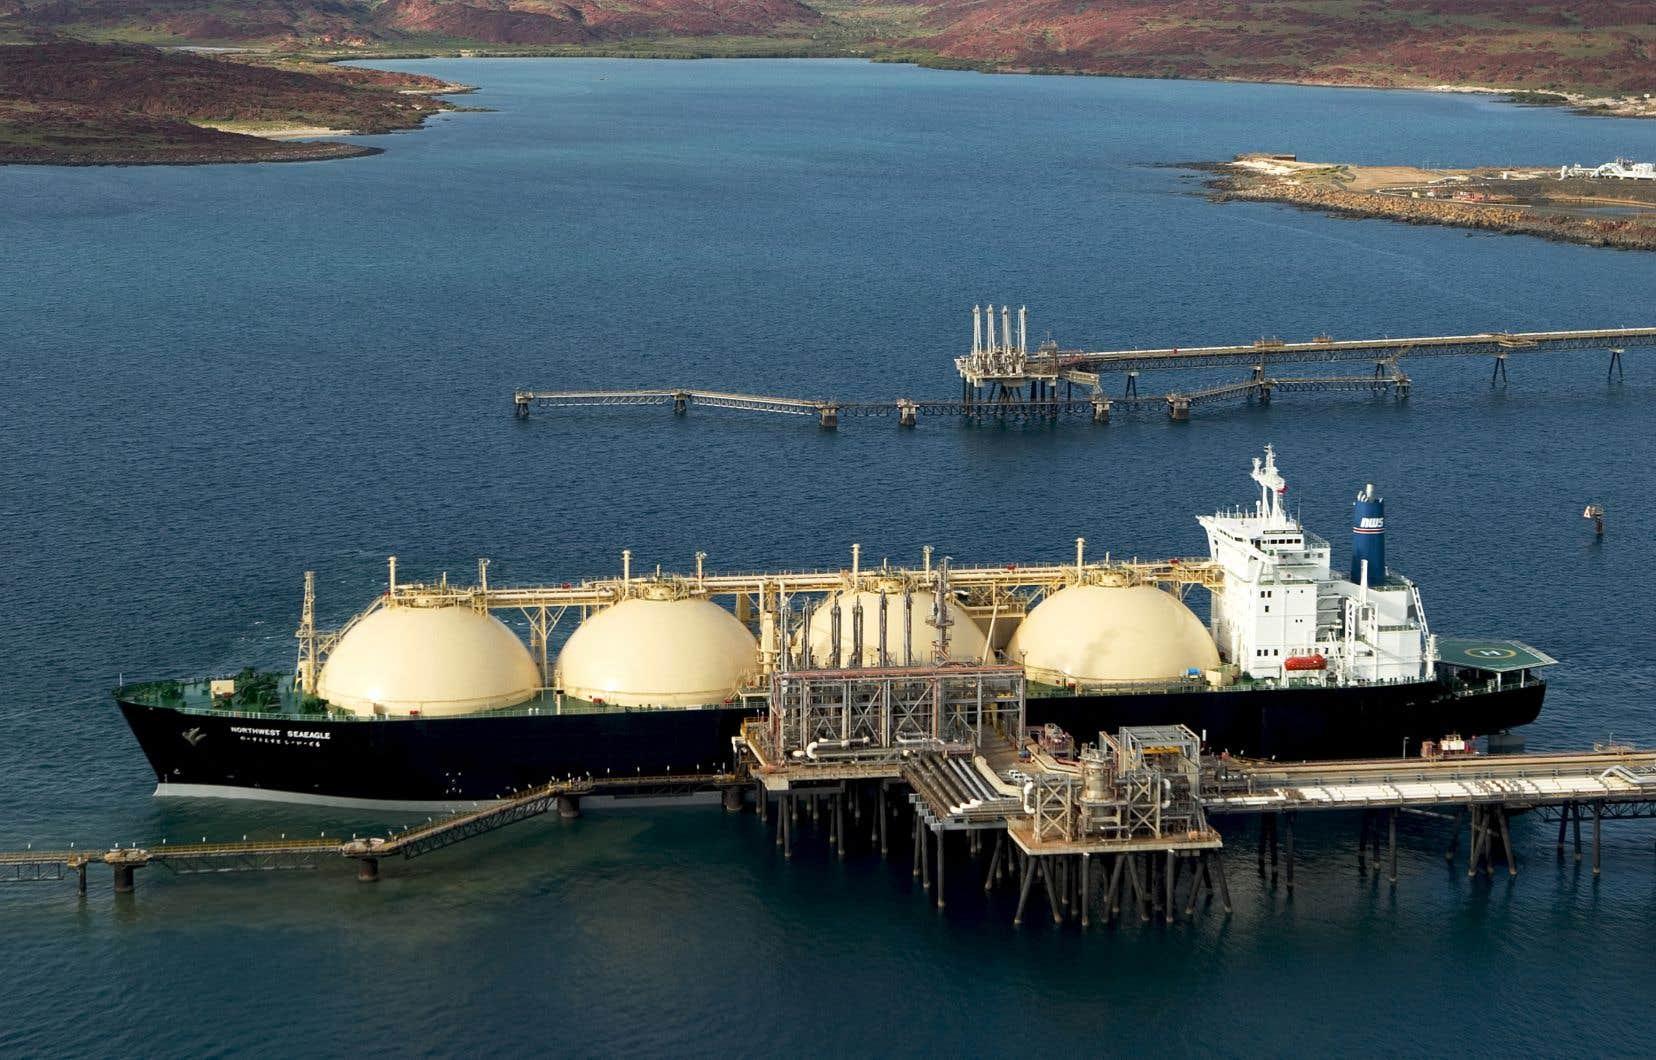 Le nouveau projet d'exportation de gaz naturel liquéfié (GNL) serait plus imposant que le défunt projet GNL Québec.